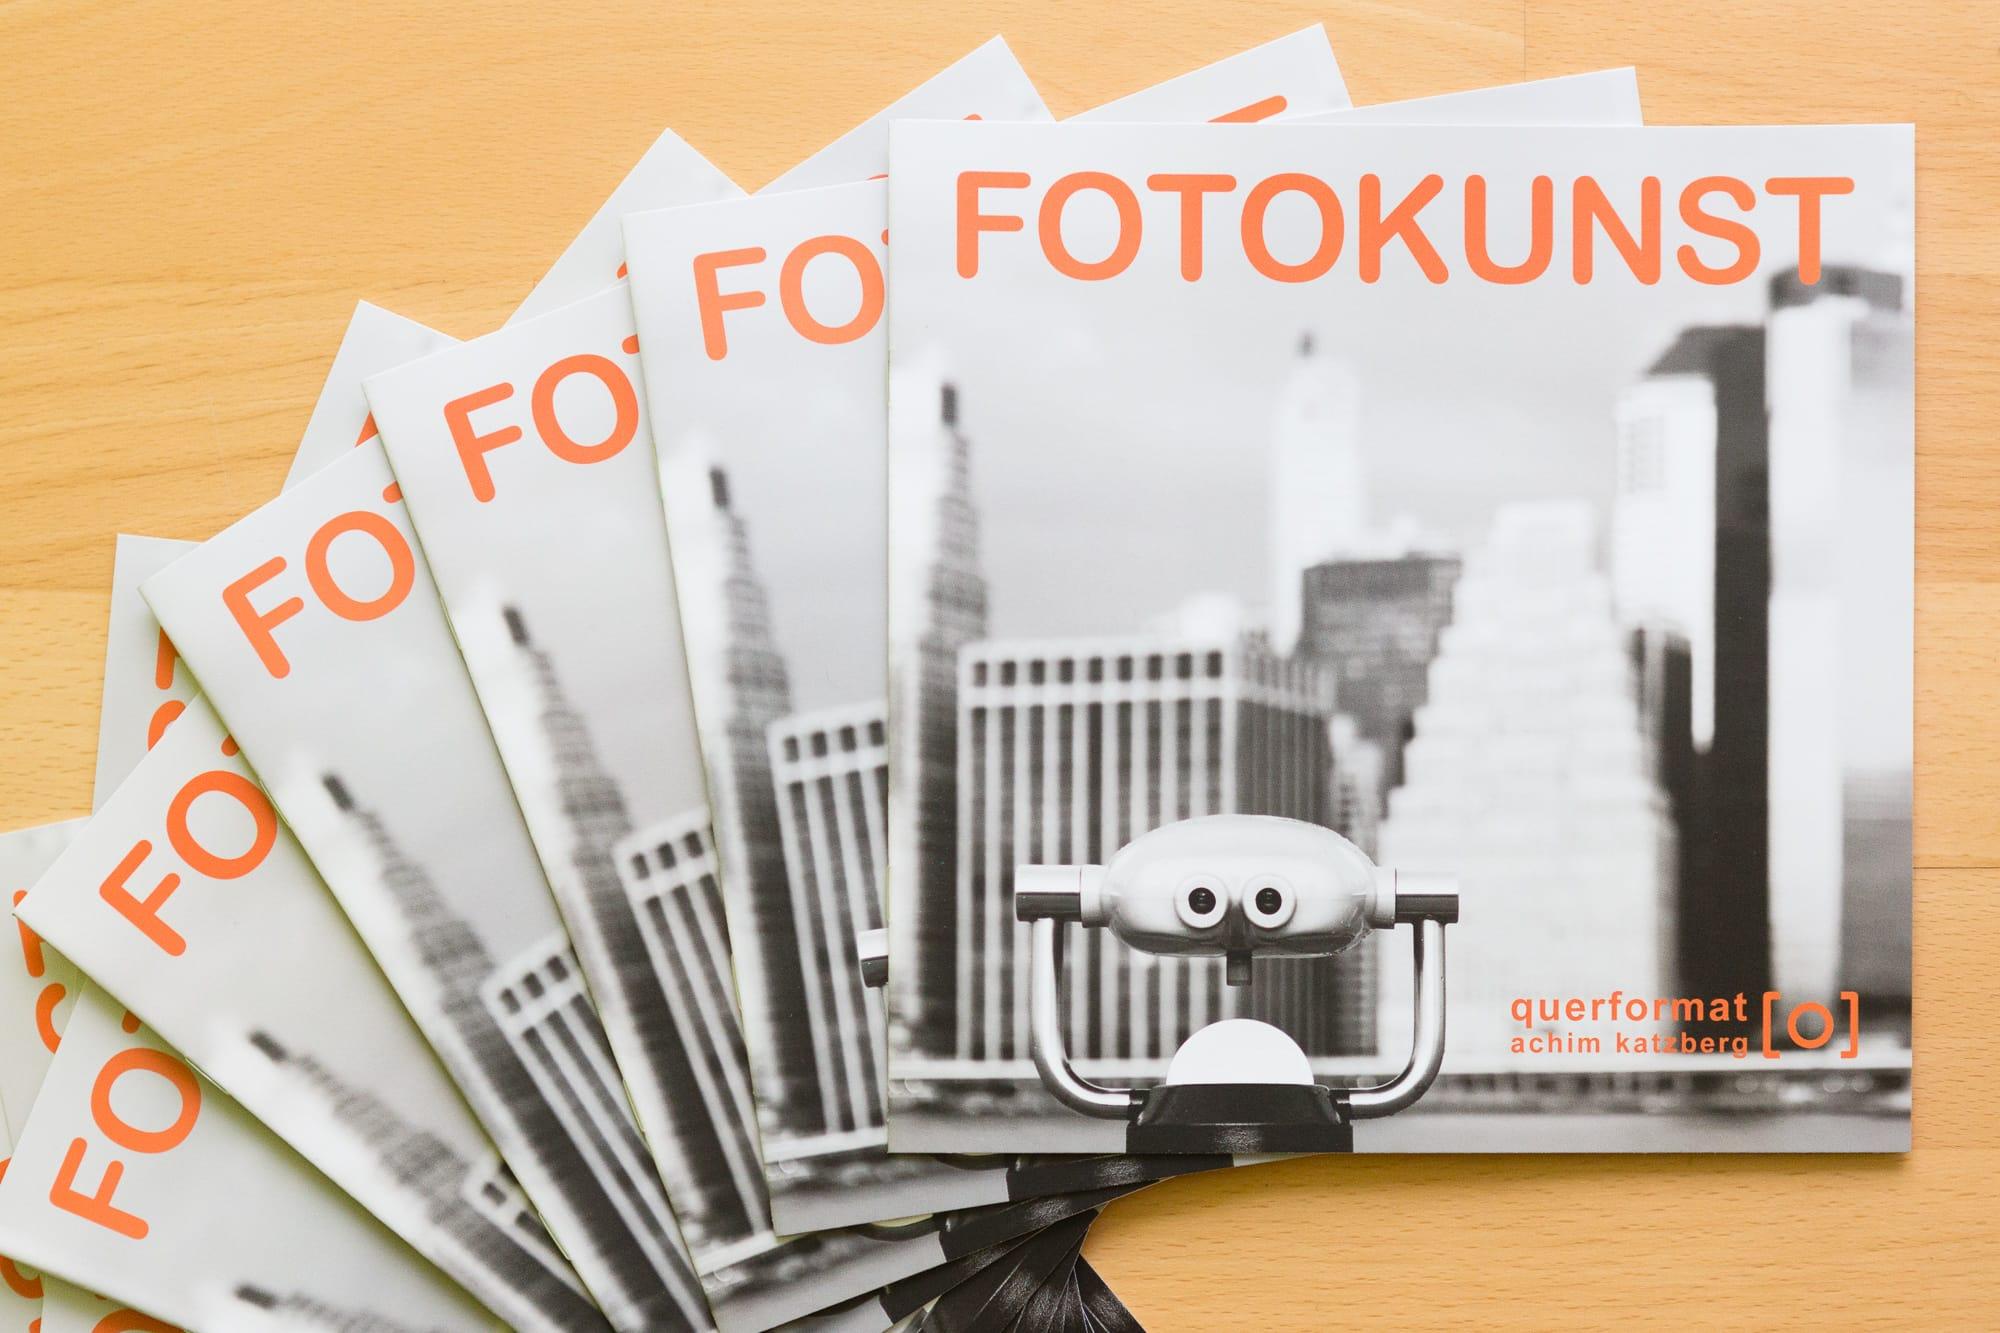 querformat-fotografie - Achim Katzberg - FOTOKUNST auf querformat-fotografie - Fotokunst_Blog